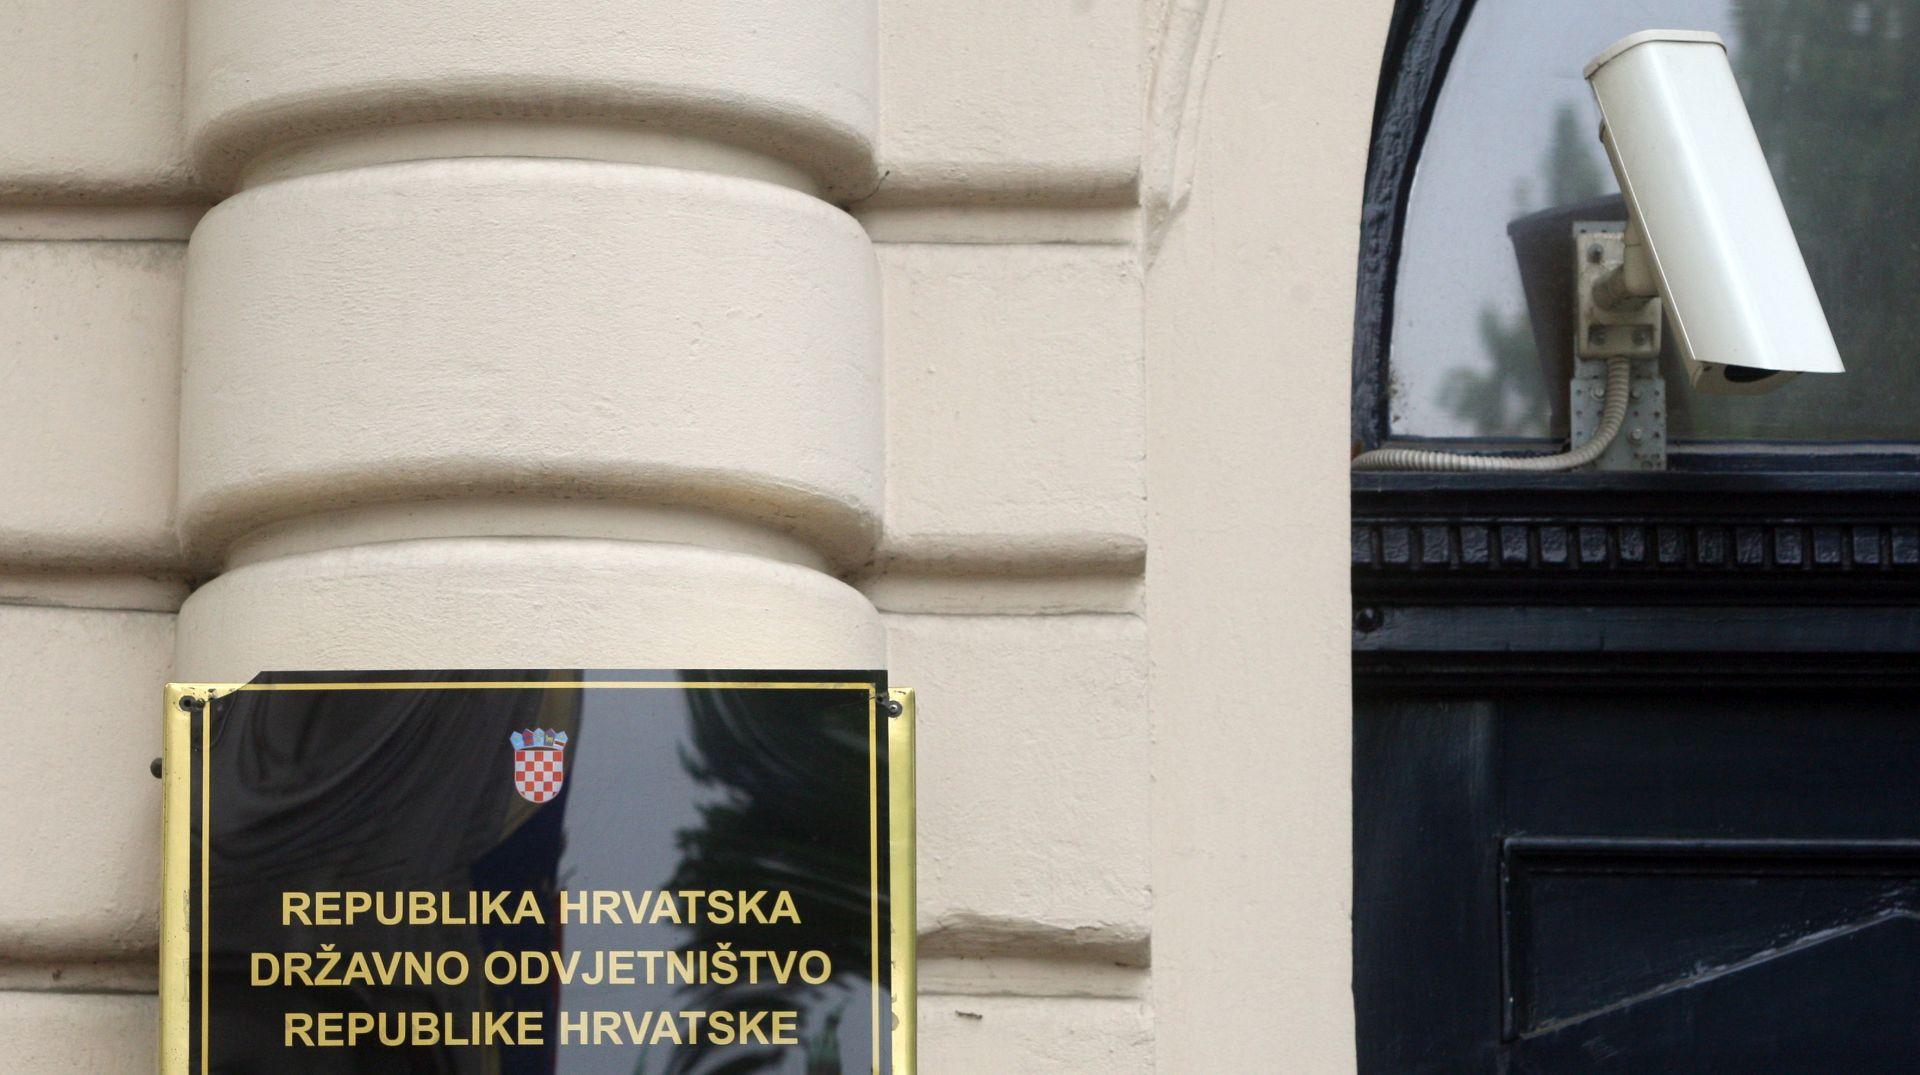 Optužen blagajnik Zagrebparkinga zbog malverzacija s povlaštenim parkirnim kartama